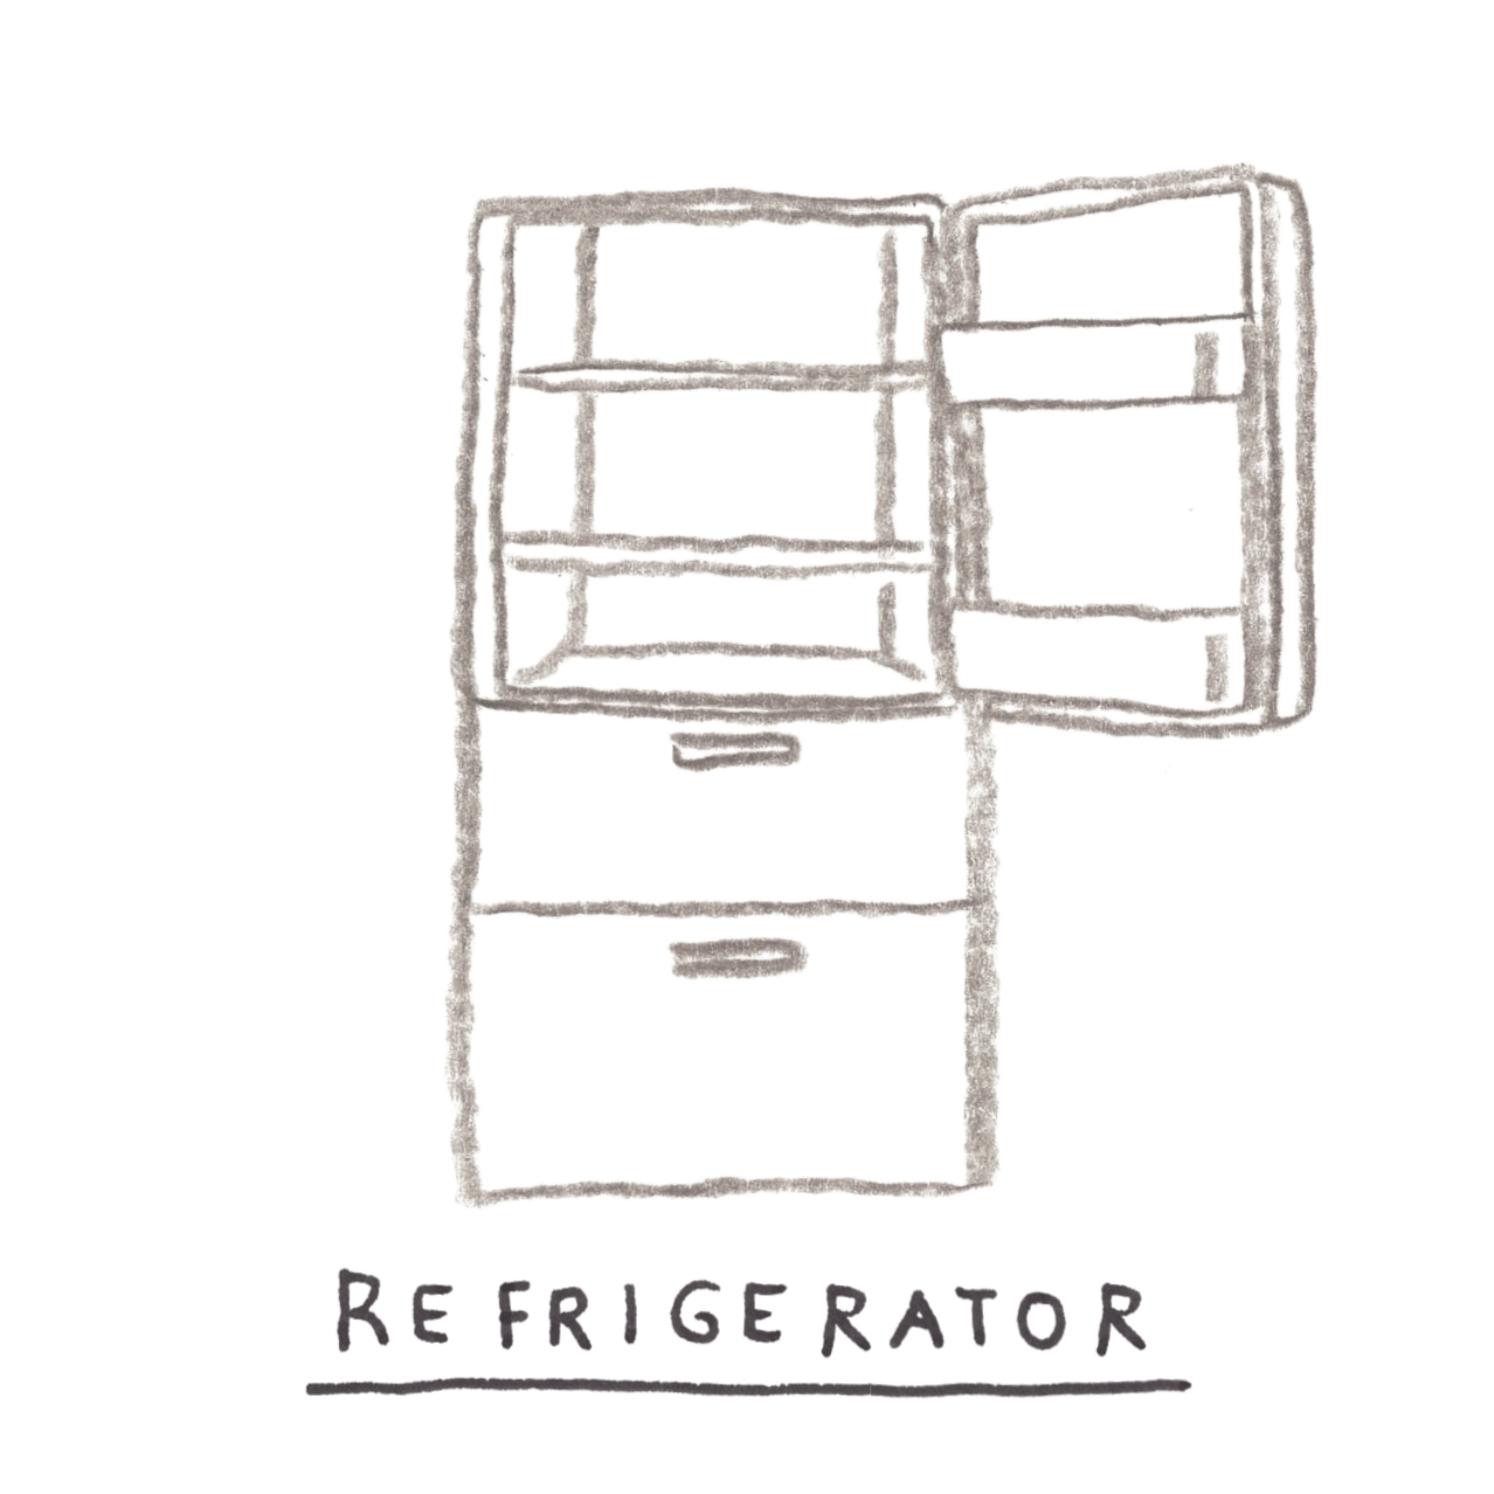 B:冷蔵庫